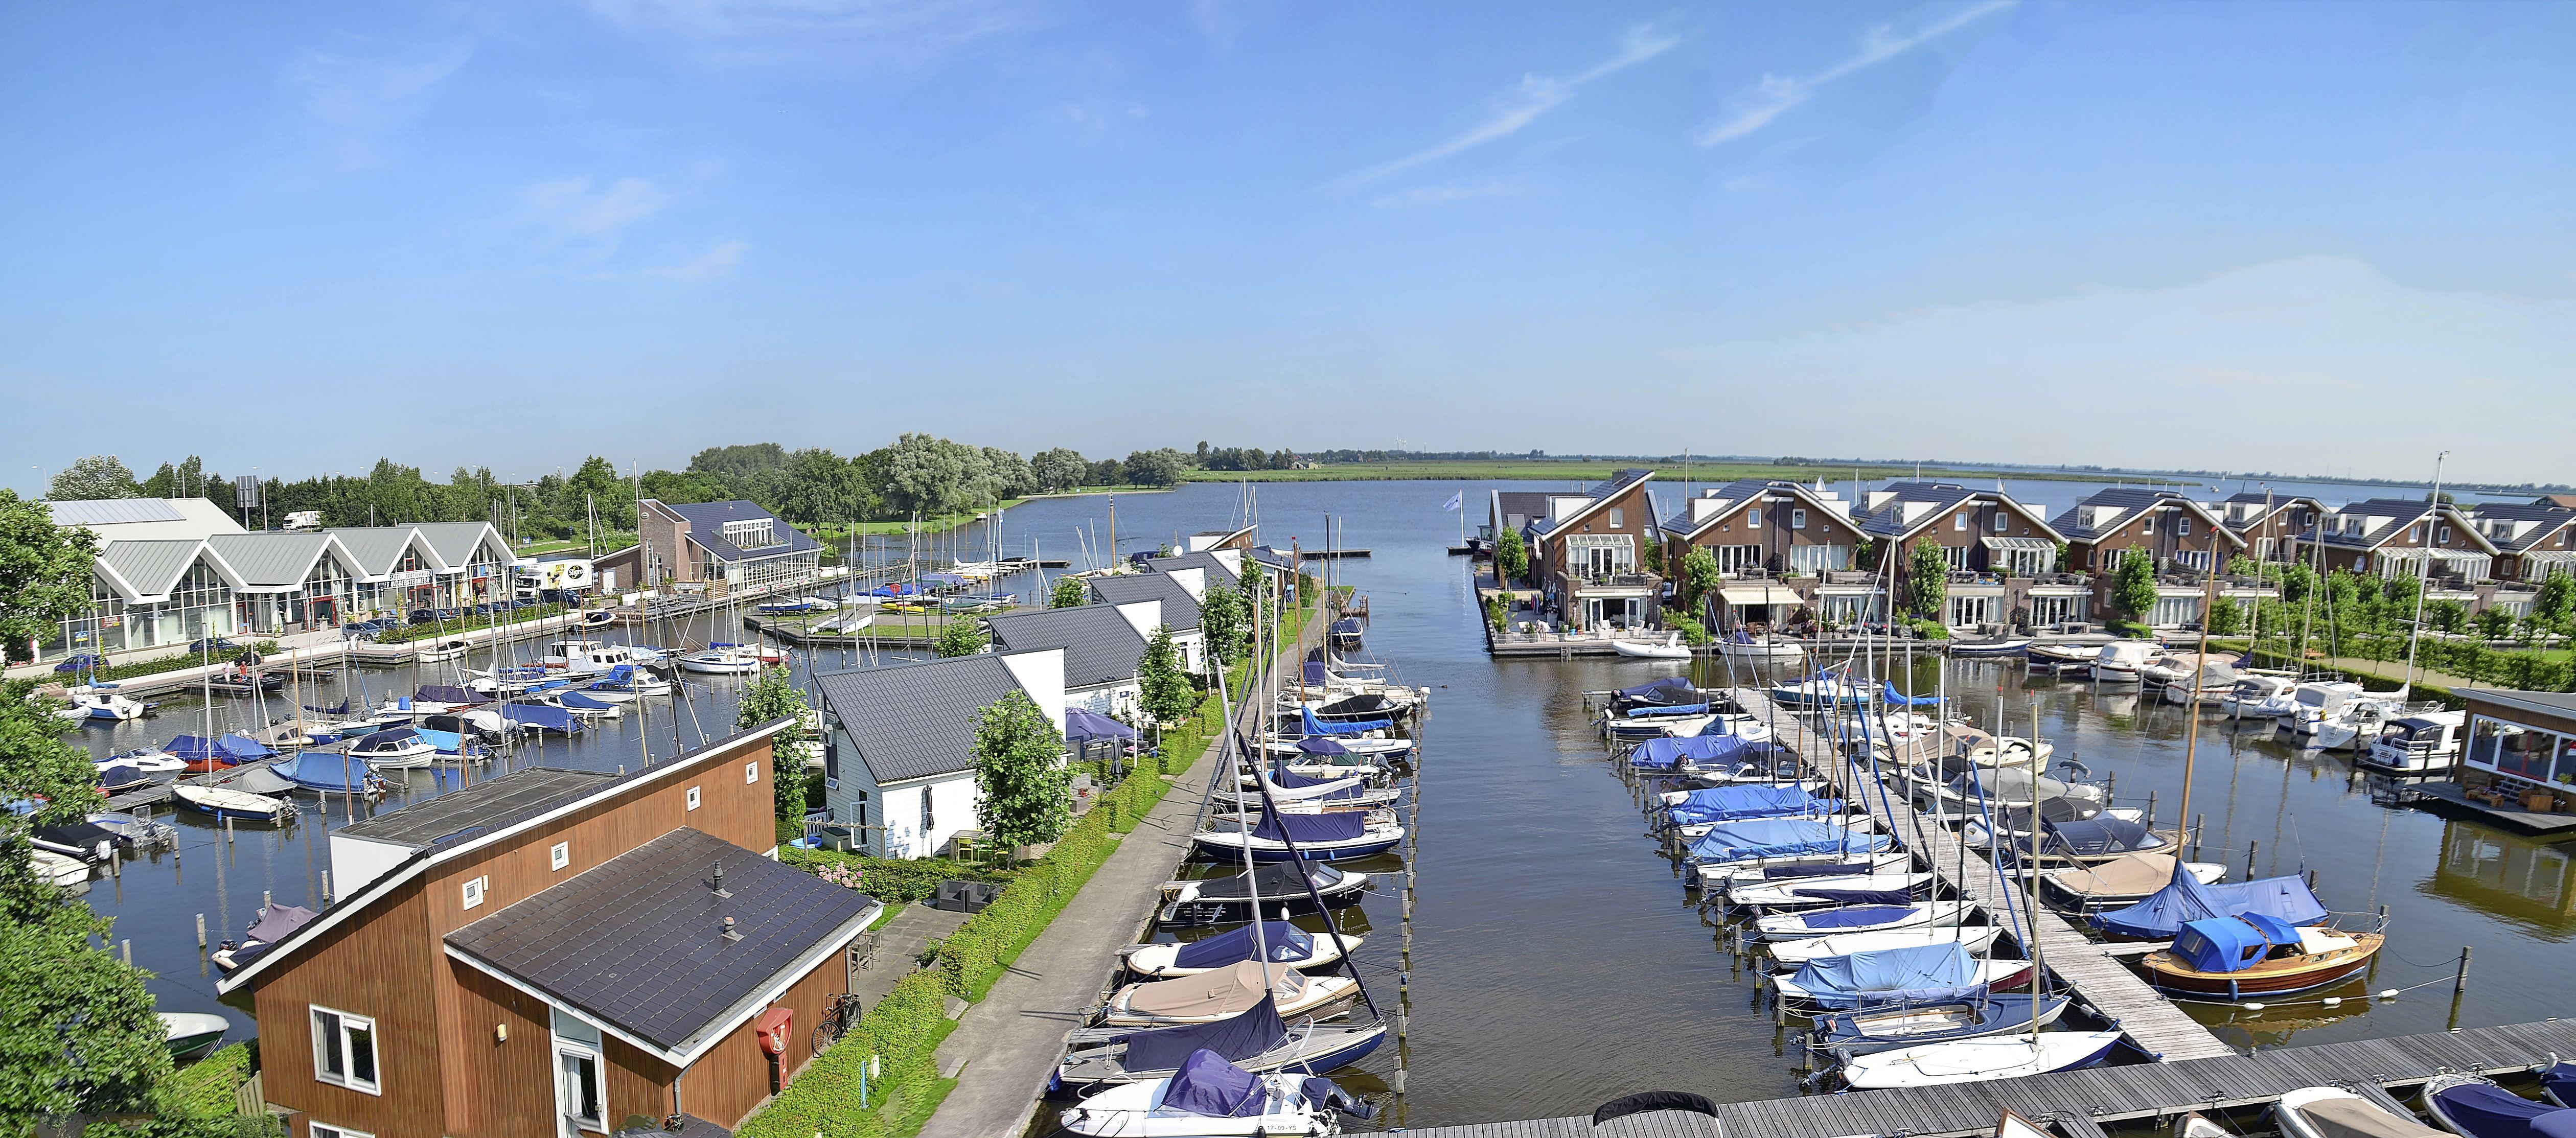 Blauwe Vlag voor stranden Castricum, Heemskerk; ook voor jachthavens Uitgeest en Akersloot